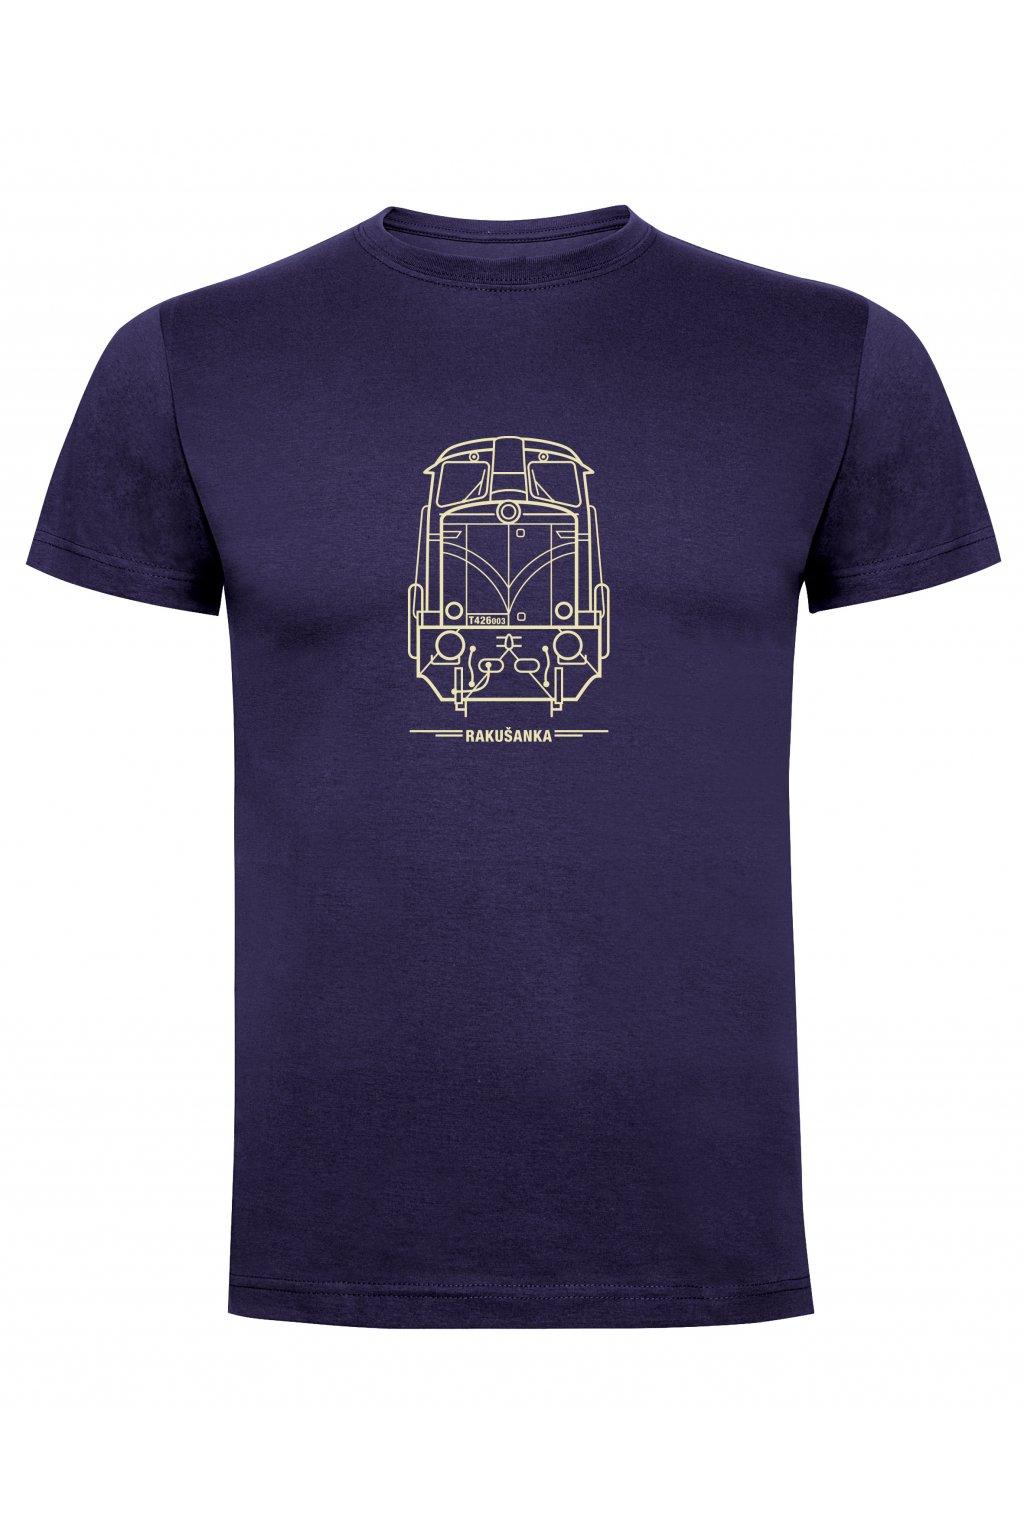 Children's T-shirt ZUBAČKA RAKUŠANKA LOCOMOTIF